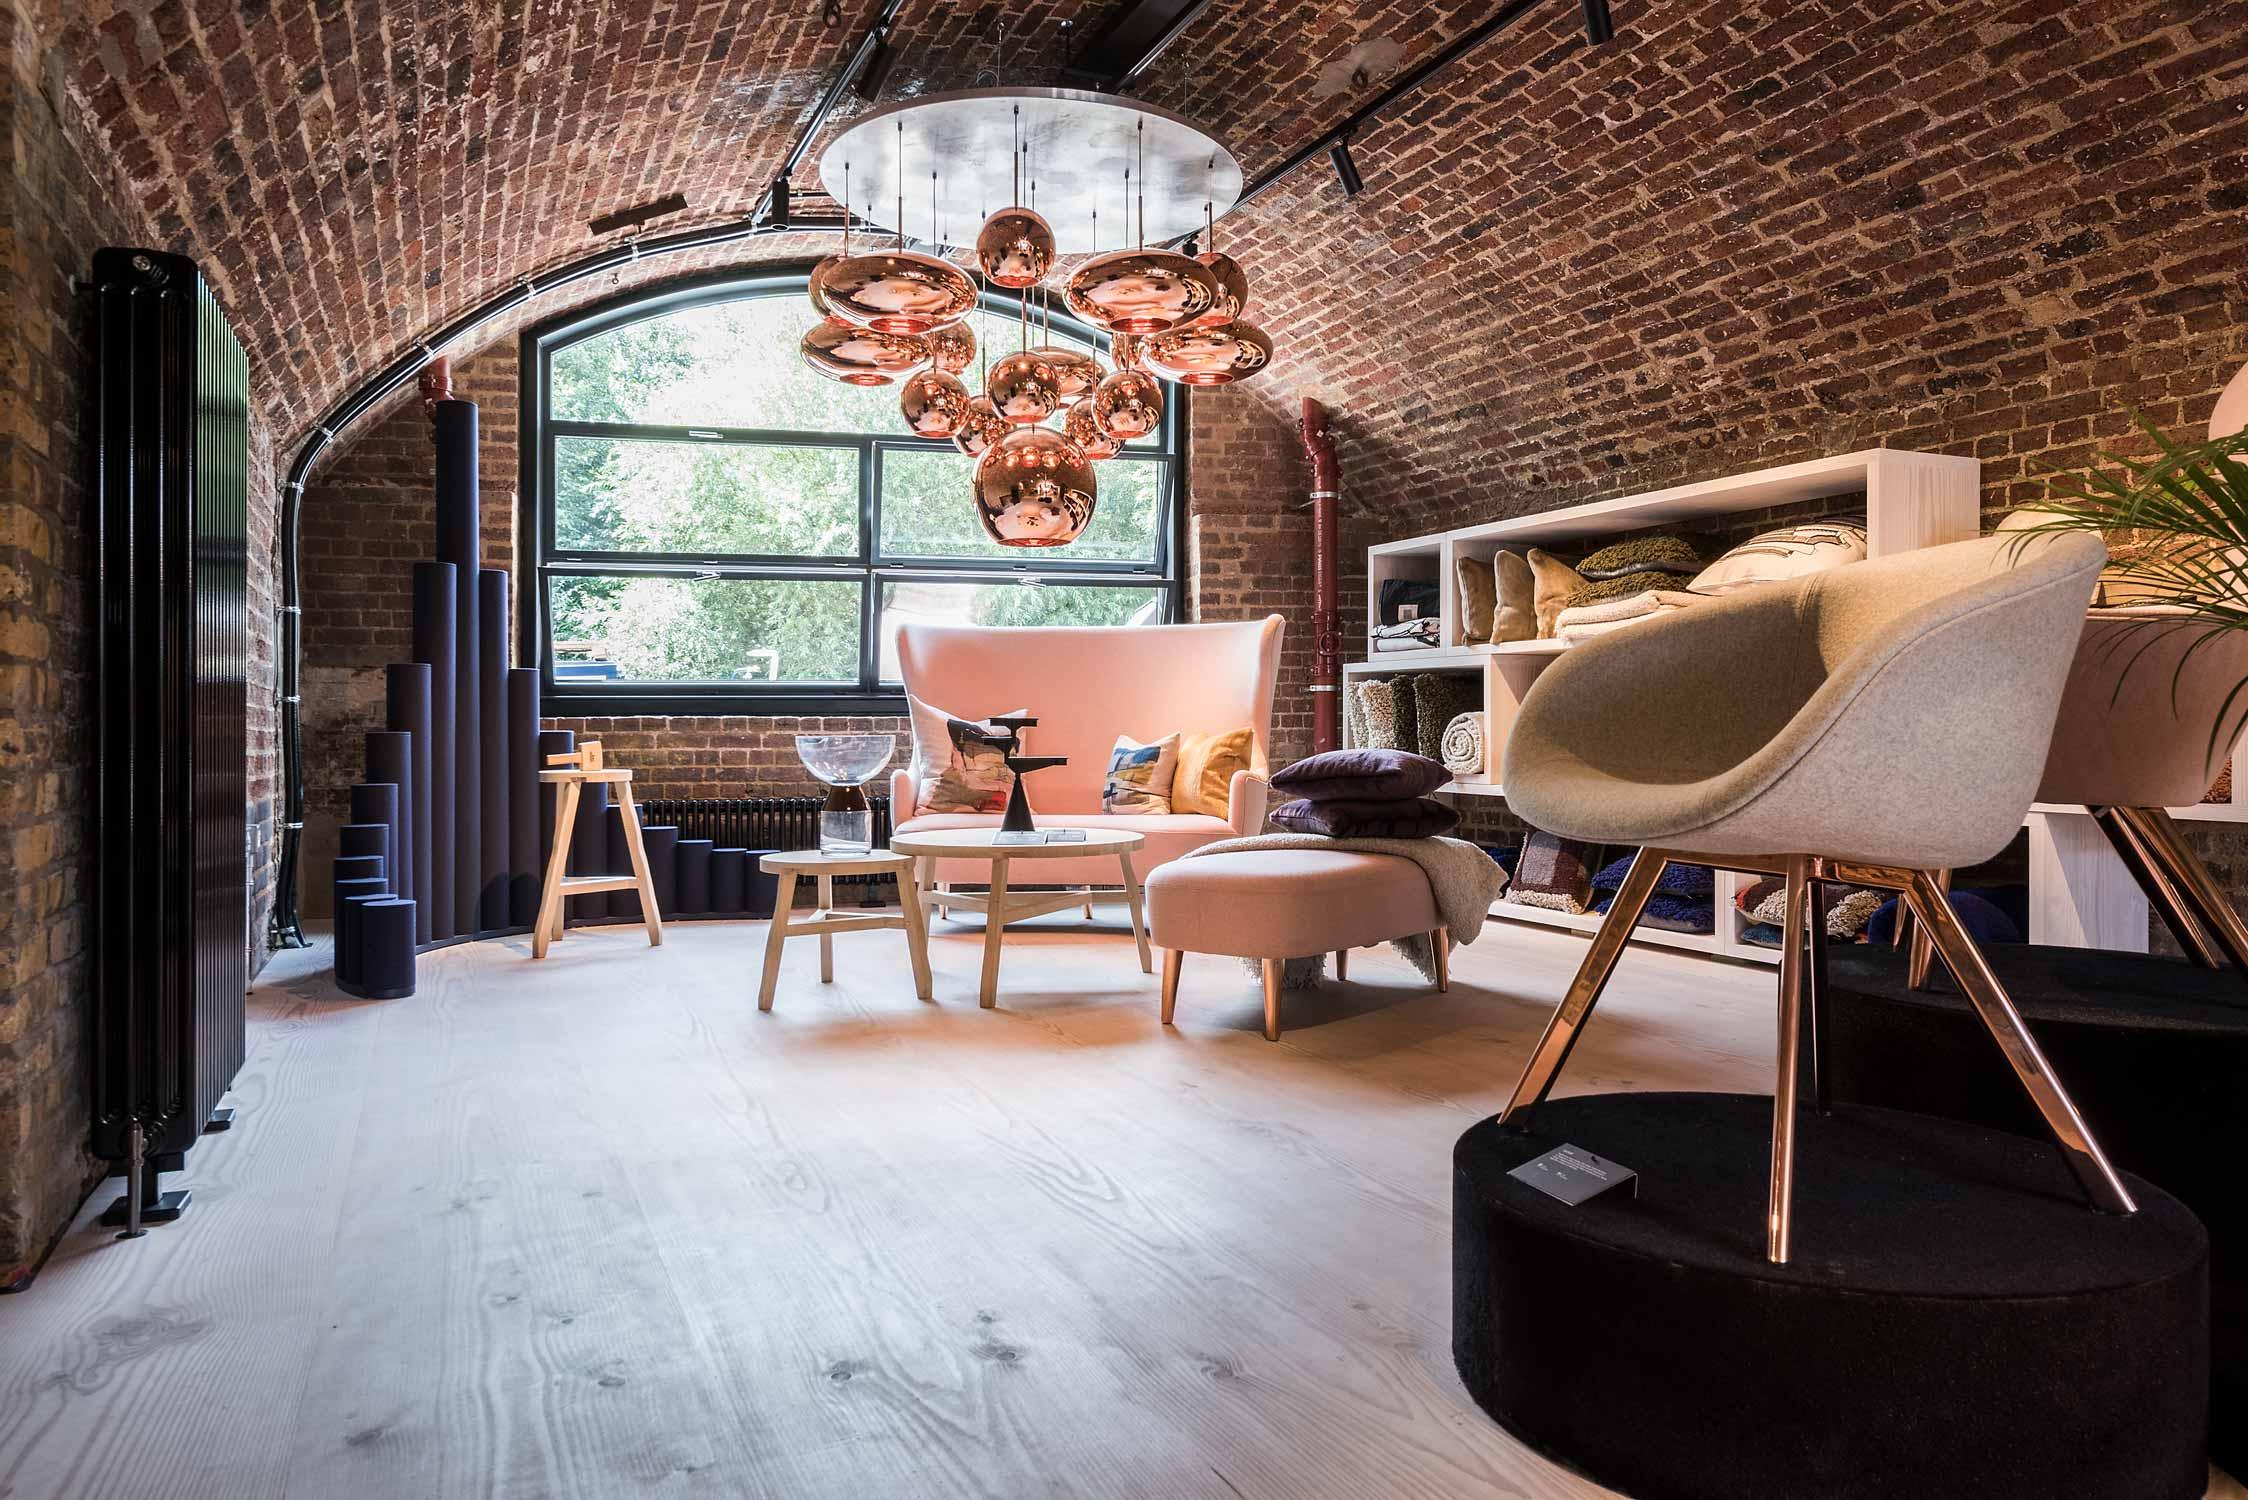 Der britische Designer Tom Dixon eröffnete 2018 an diesem spannenden Ort entlang des Regents Canal im Backsteingewölbe eines grossen Industriedenkmals einen Shop mit Manufaktur, Galerie und Büro. Fotografiert am 17.08.2018 Der Stadtteil King's Cross in London entwickelt sich gerade zum neuen Epizentrum der Stadt in Sachen Innovation, Design und Kunst.